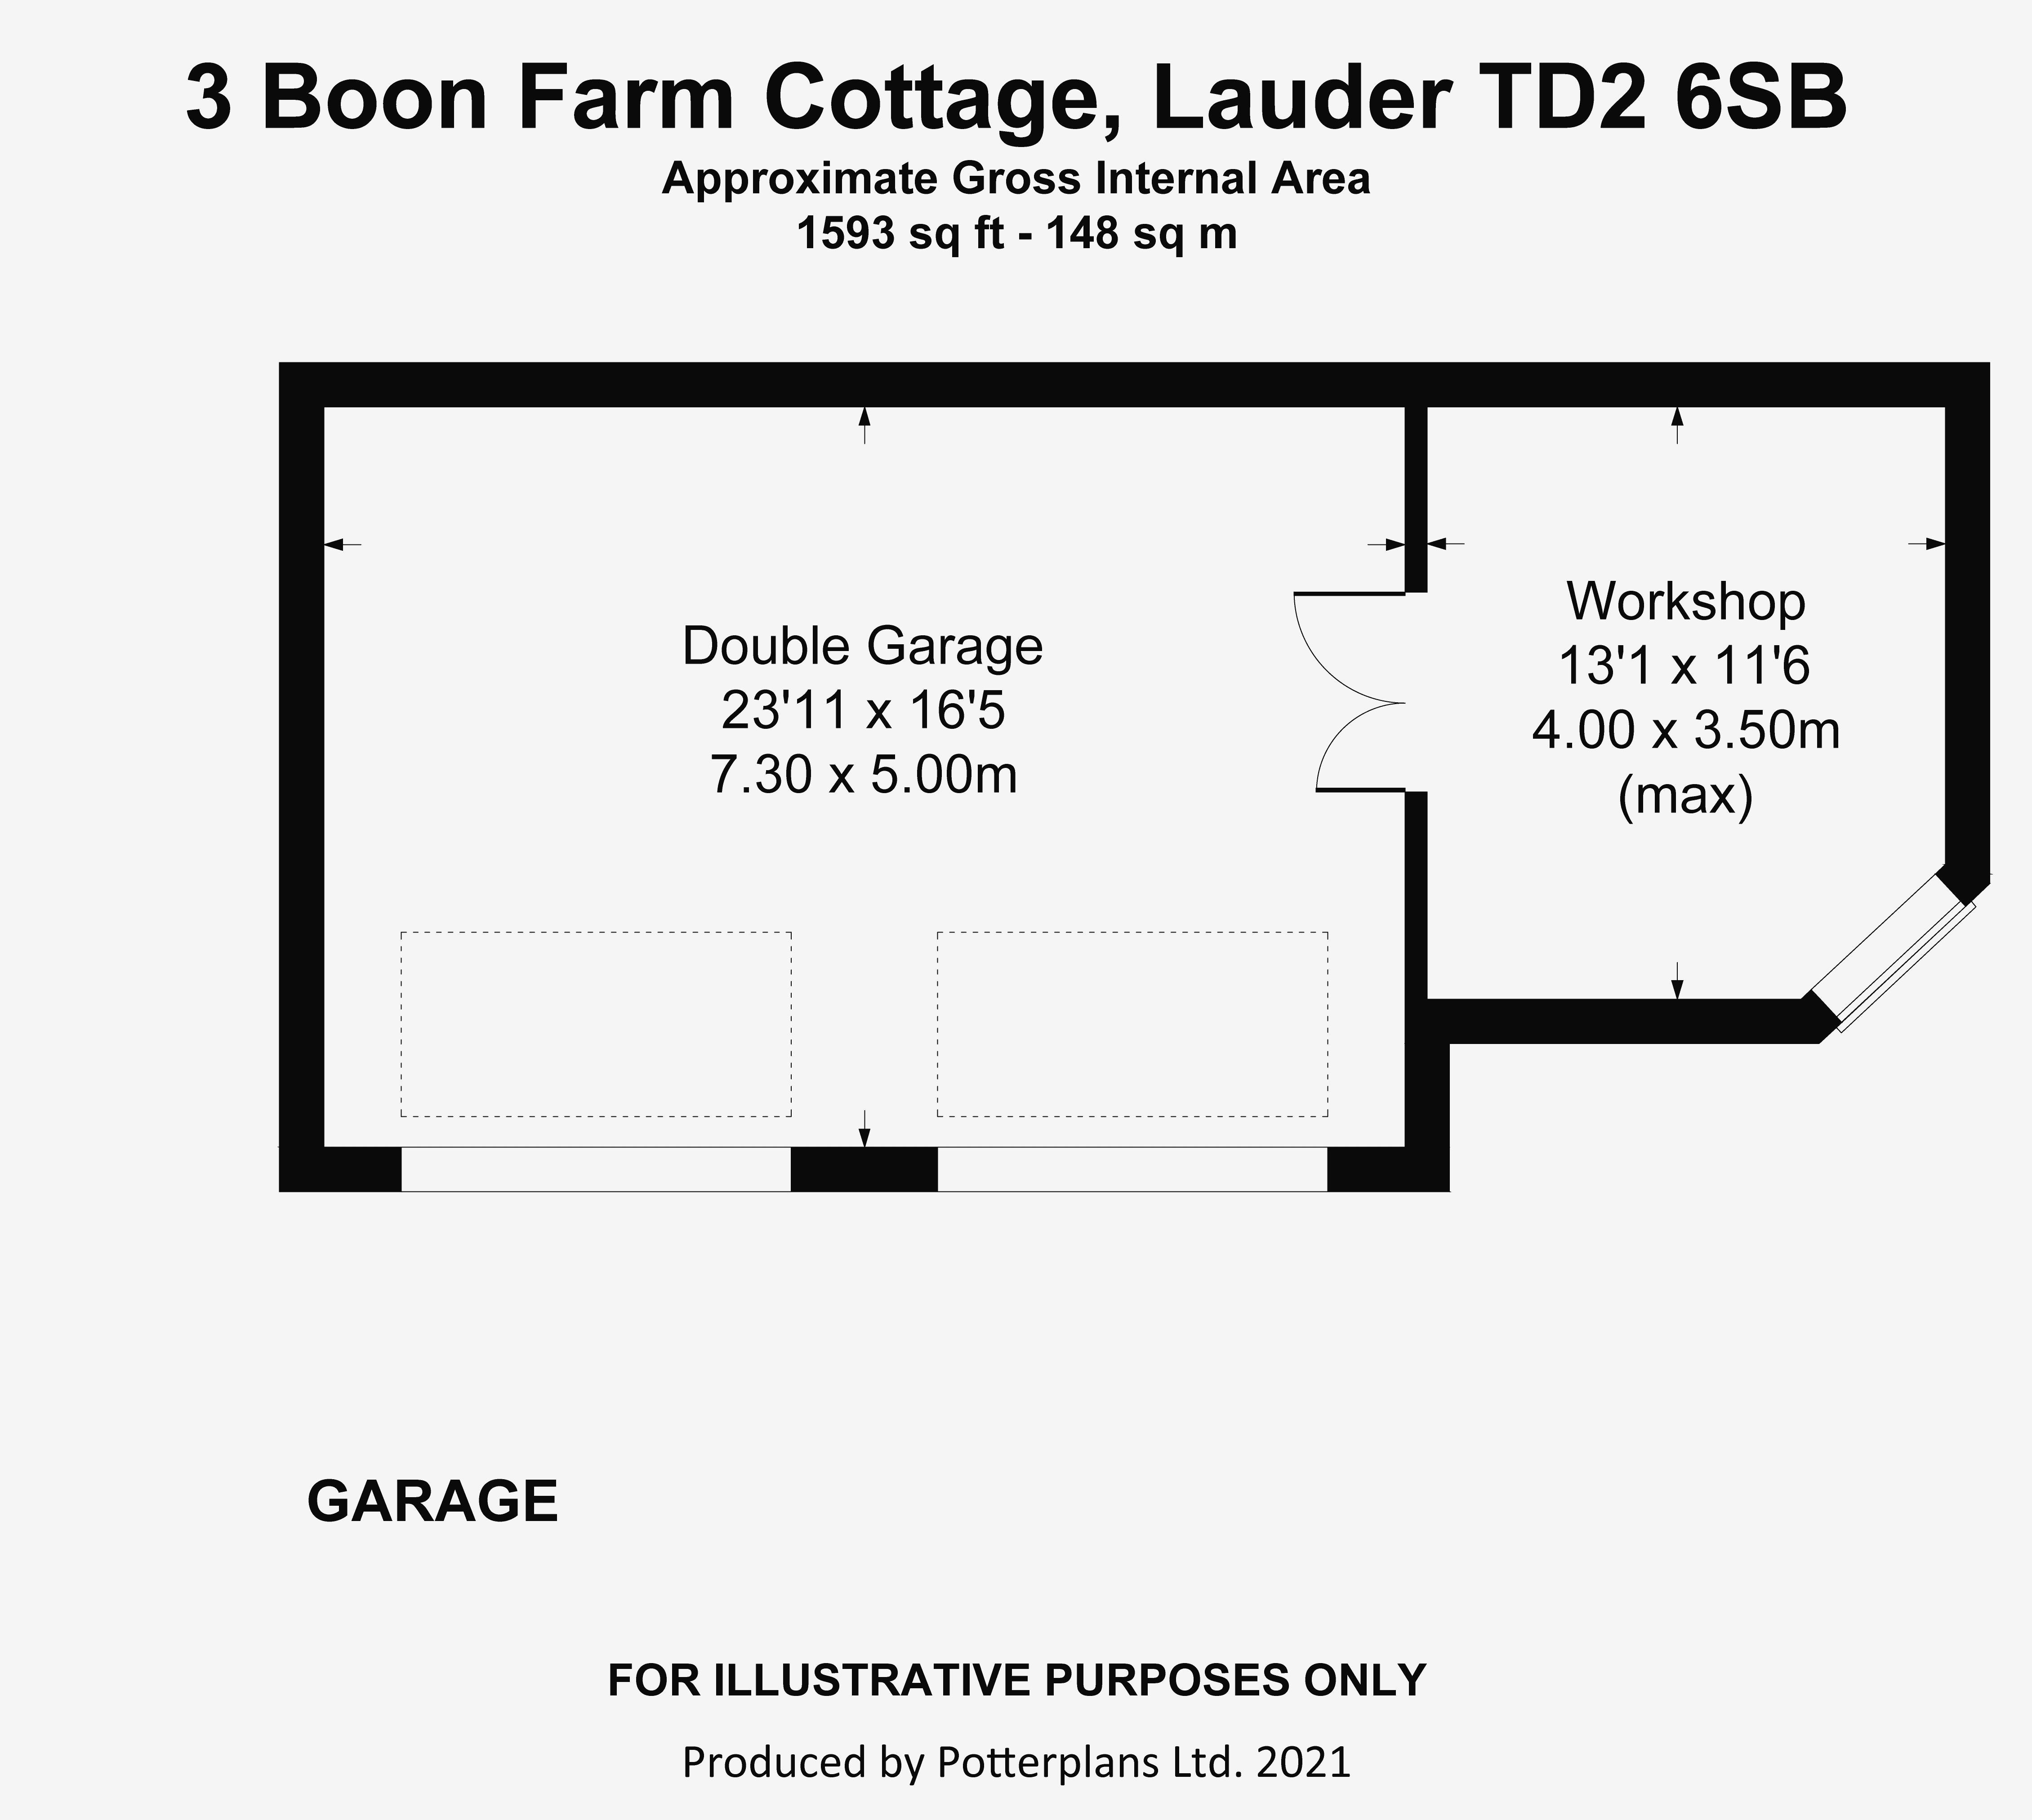 3 Boon Farm Cottage Garage